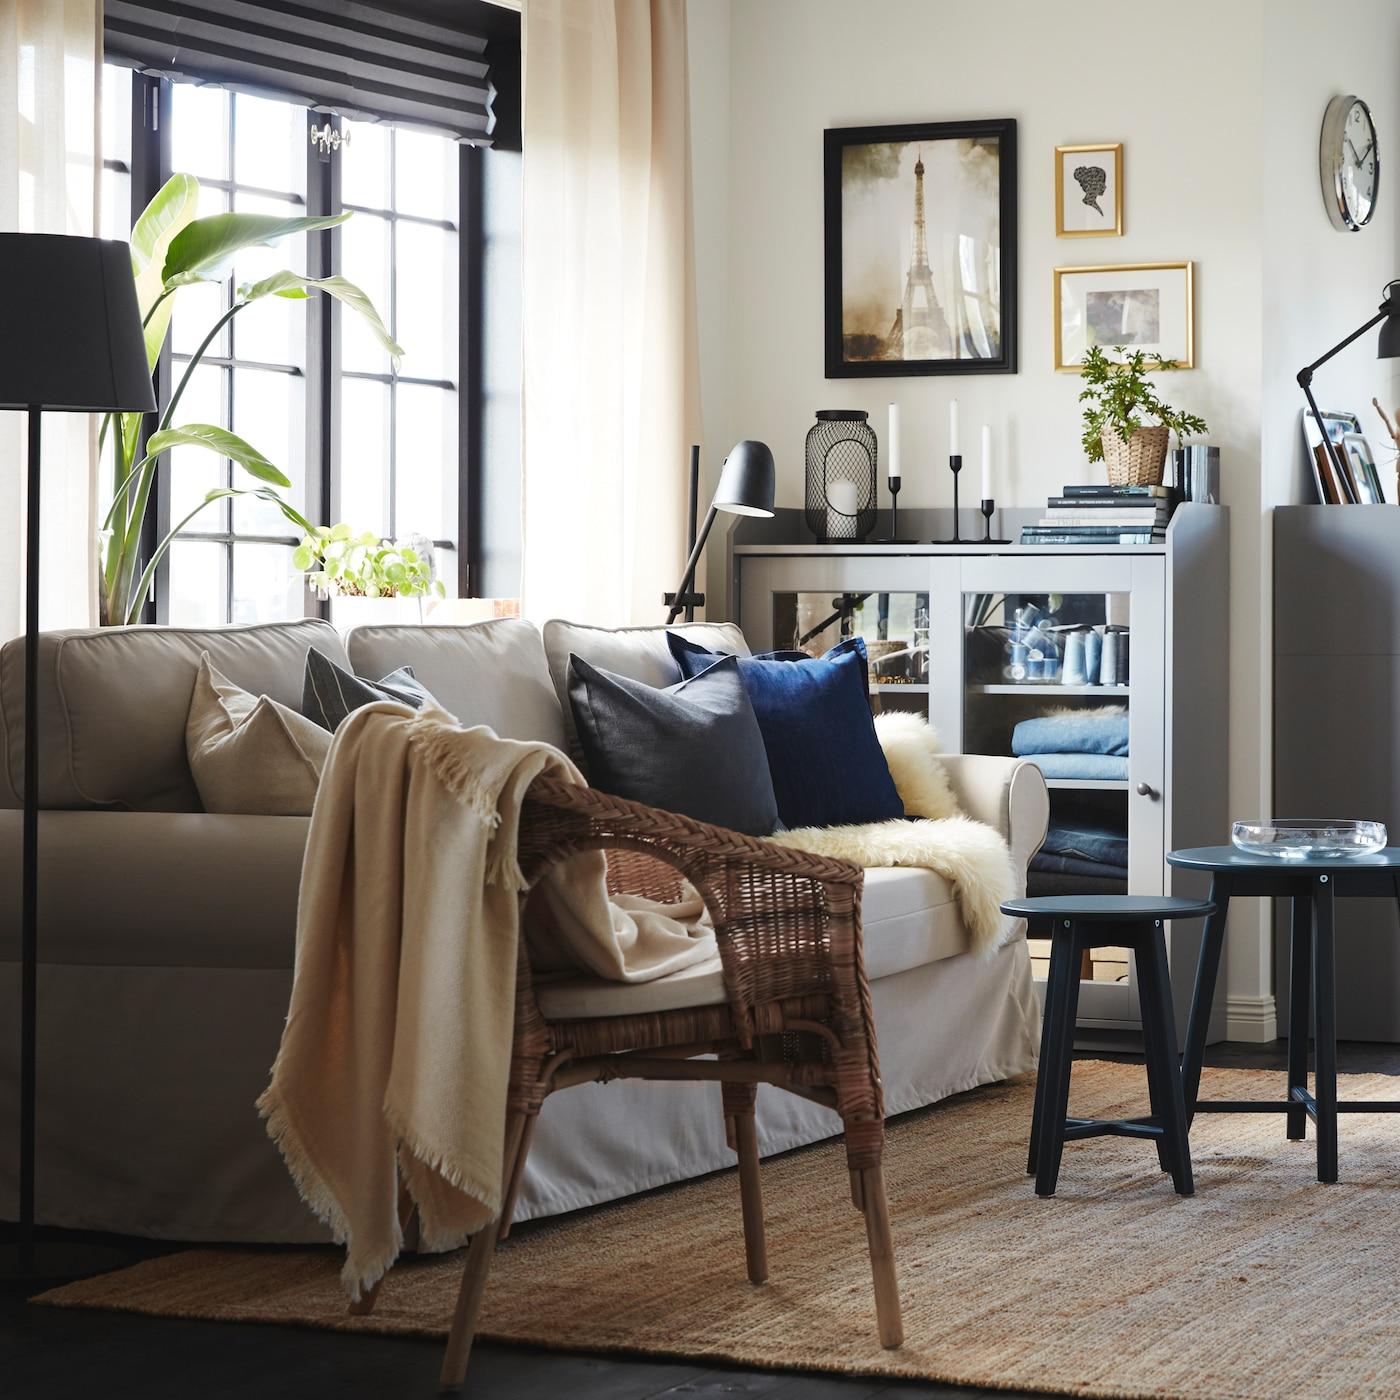 Гостиная со светло-бежевым диваном-кроватью, ковер из джута, стул из ротанга и бамбука, два шкафа и серый комод.